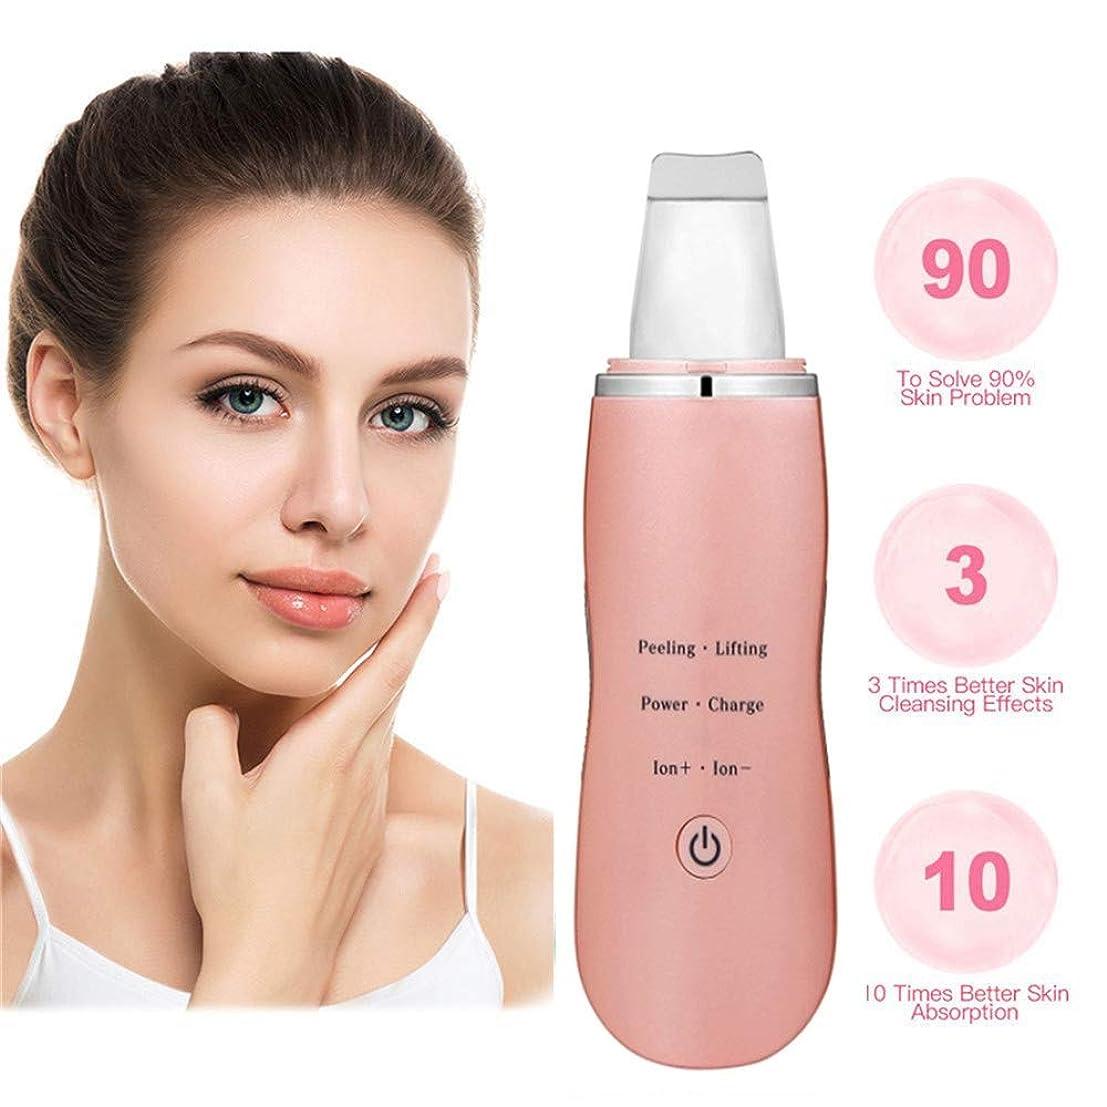 義務付けられた動機配分肌研削顔の皮膚超音波クレンジングシャベル、にきびにきび深いクレンジング毛穴汚れUSB充電式防水毛穴クリーナーフェイシャルリフティングツール (Color : ピンク)